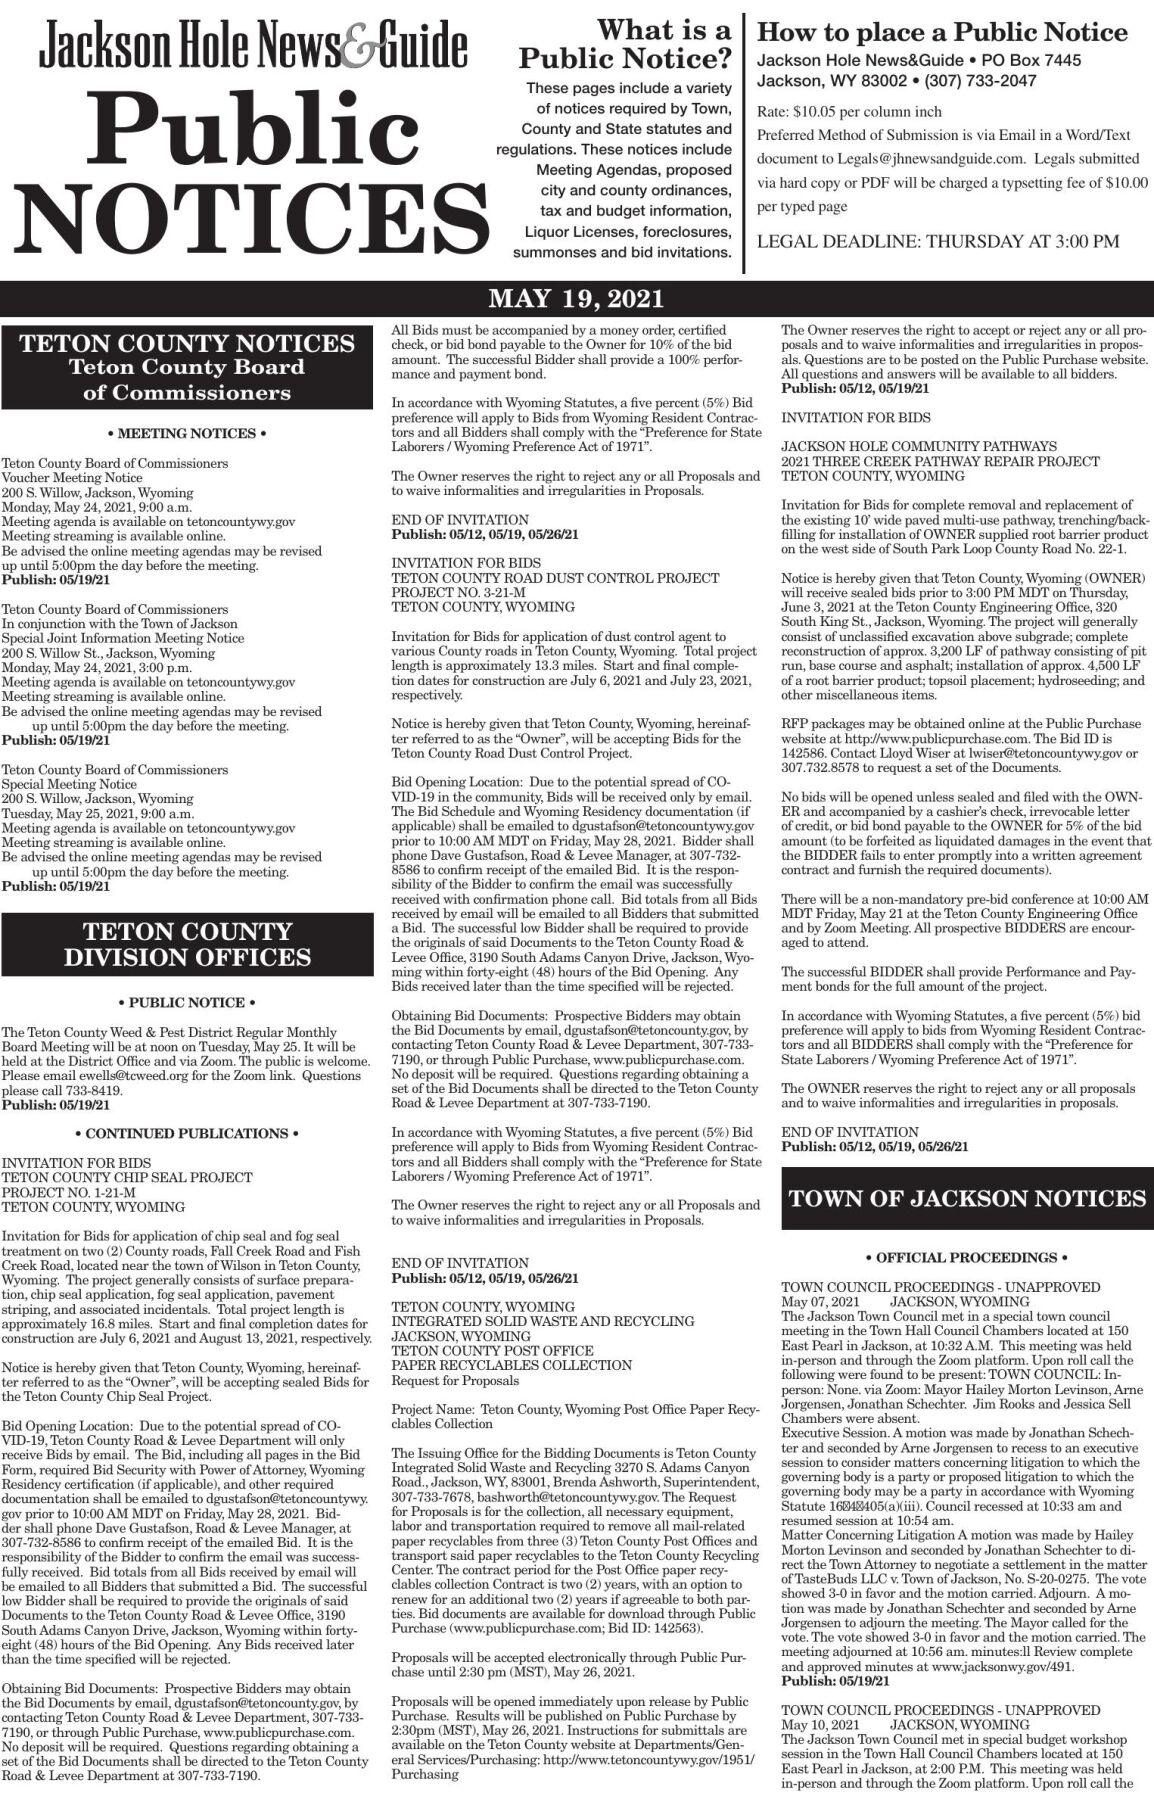 Public Notices, May 19, 2021